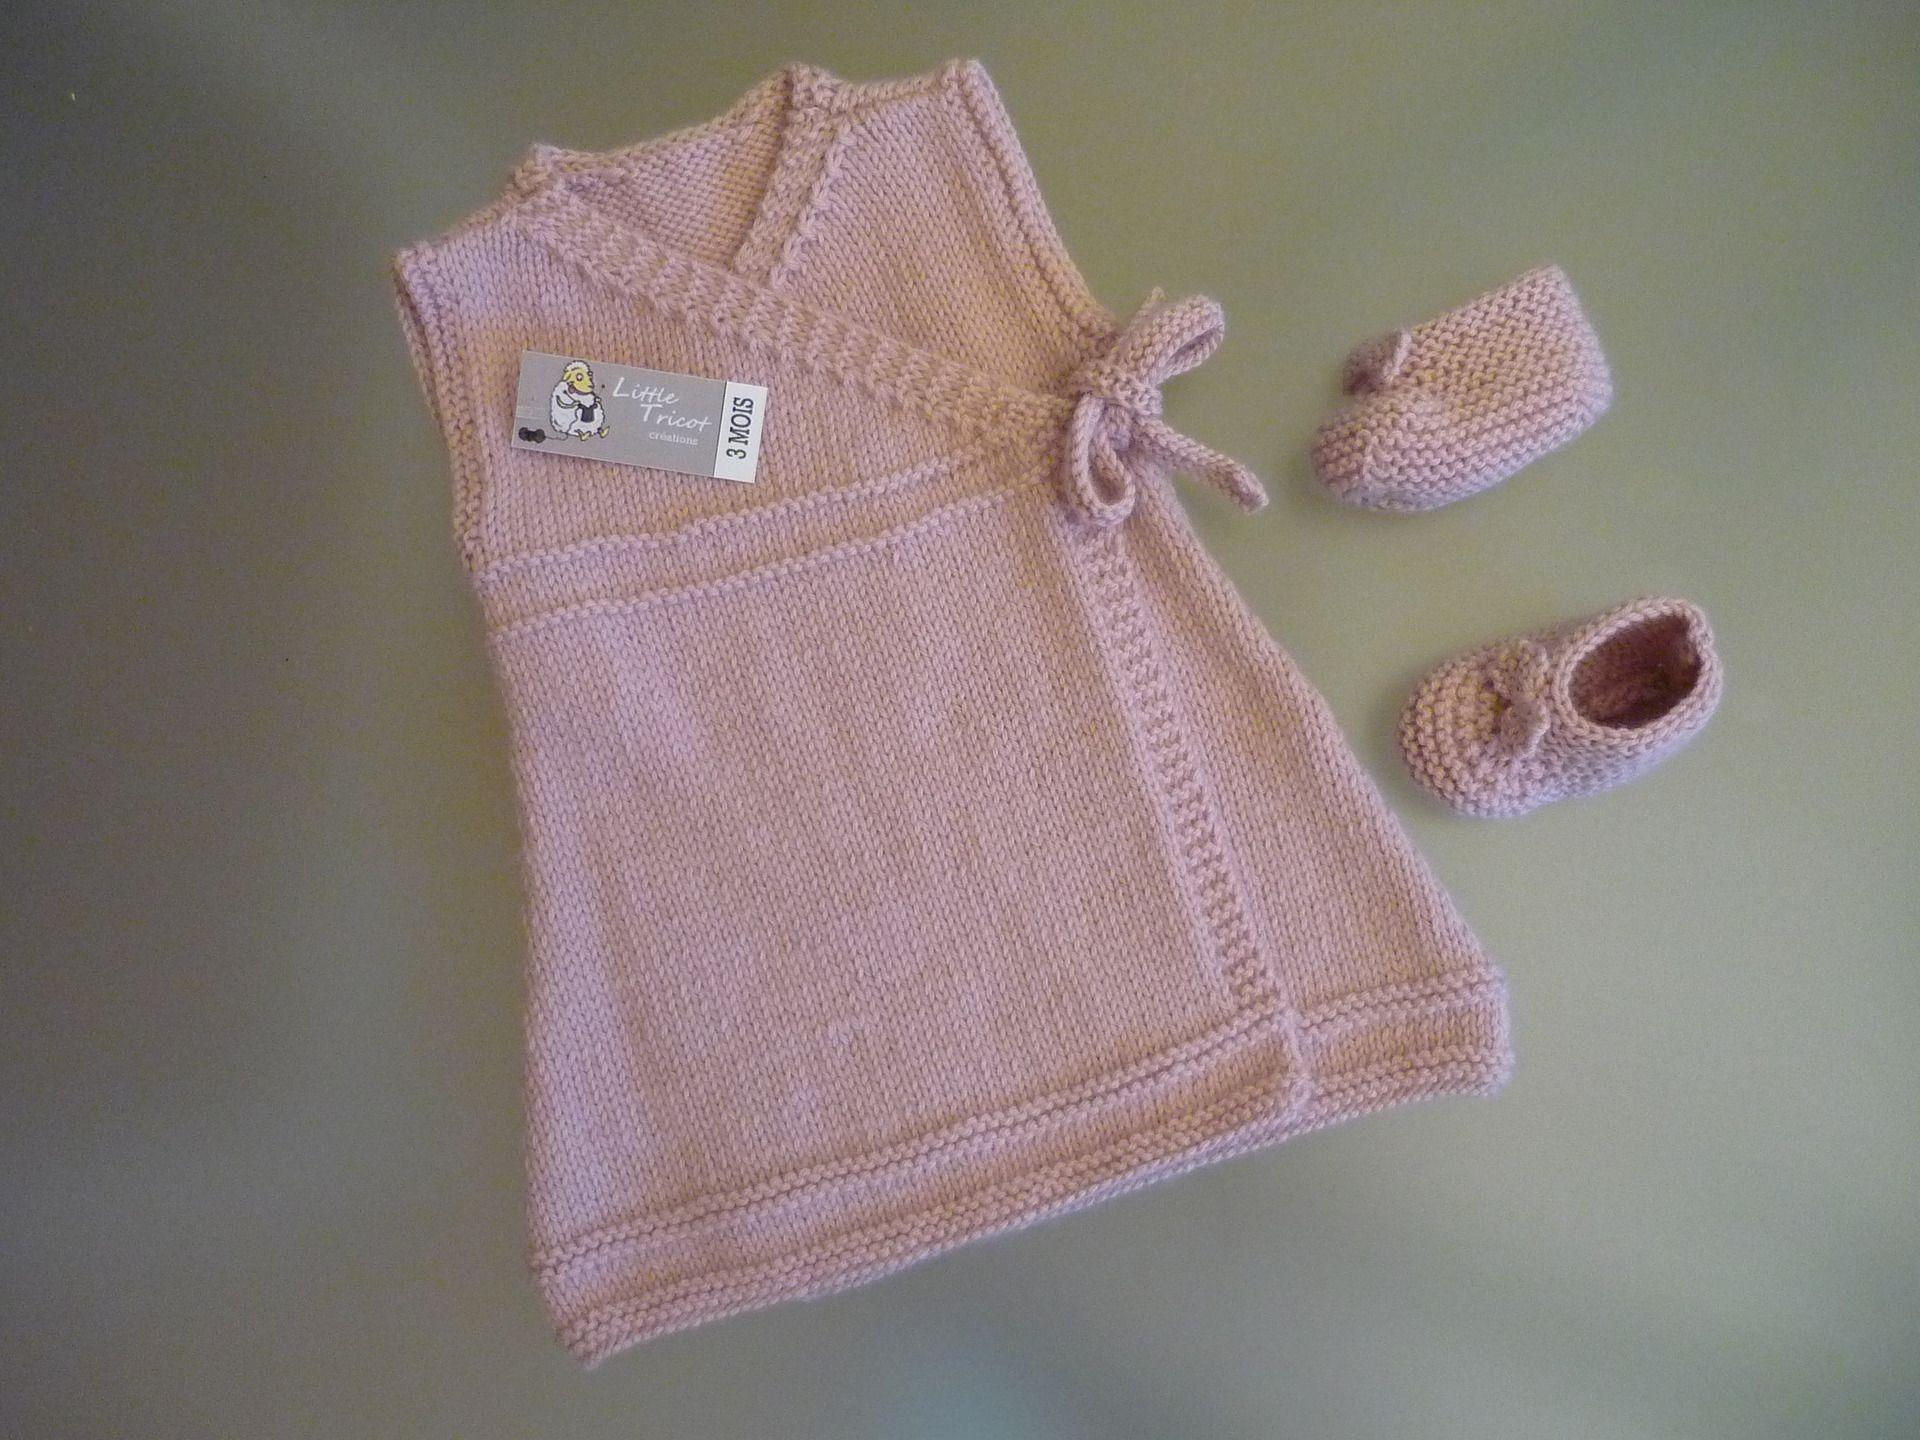 Robe en laine et chaussons pour bebe 3 mois rose tendre layette mode b b - Report de paiement de 3 mois par cb ...